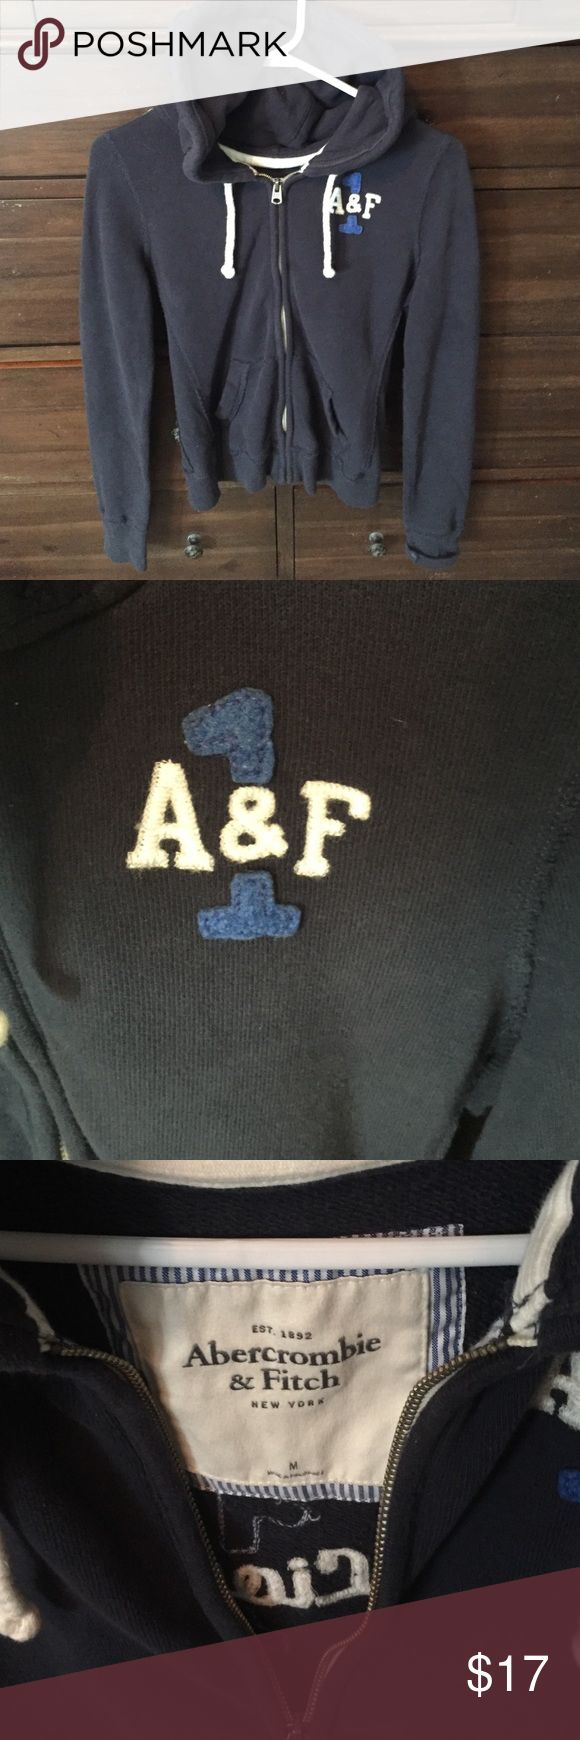 Womens zip up hoodie Never worn Abercrombie and Fitch navy zip up hoodie Abercrombie & Fitch Tops Sweatshirts & Hoodies